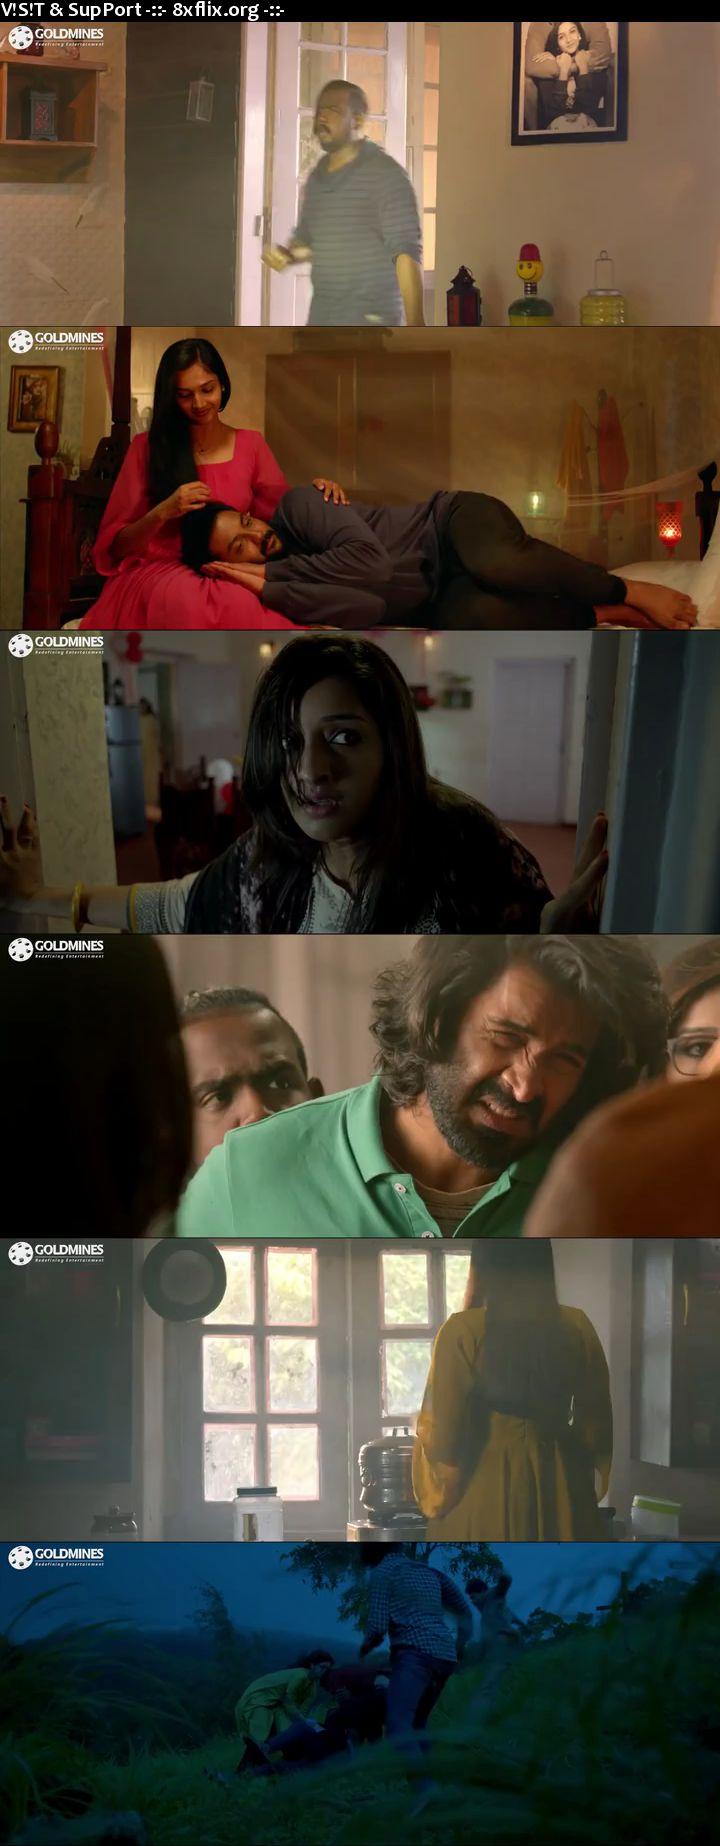 Kinavalli 2020 Full Movie Hindi Dubbed 720p 480p HDRip